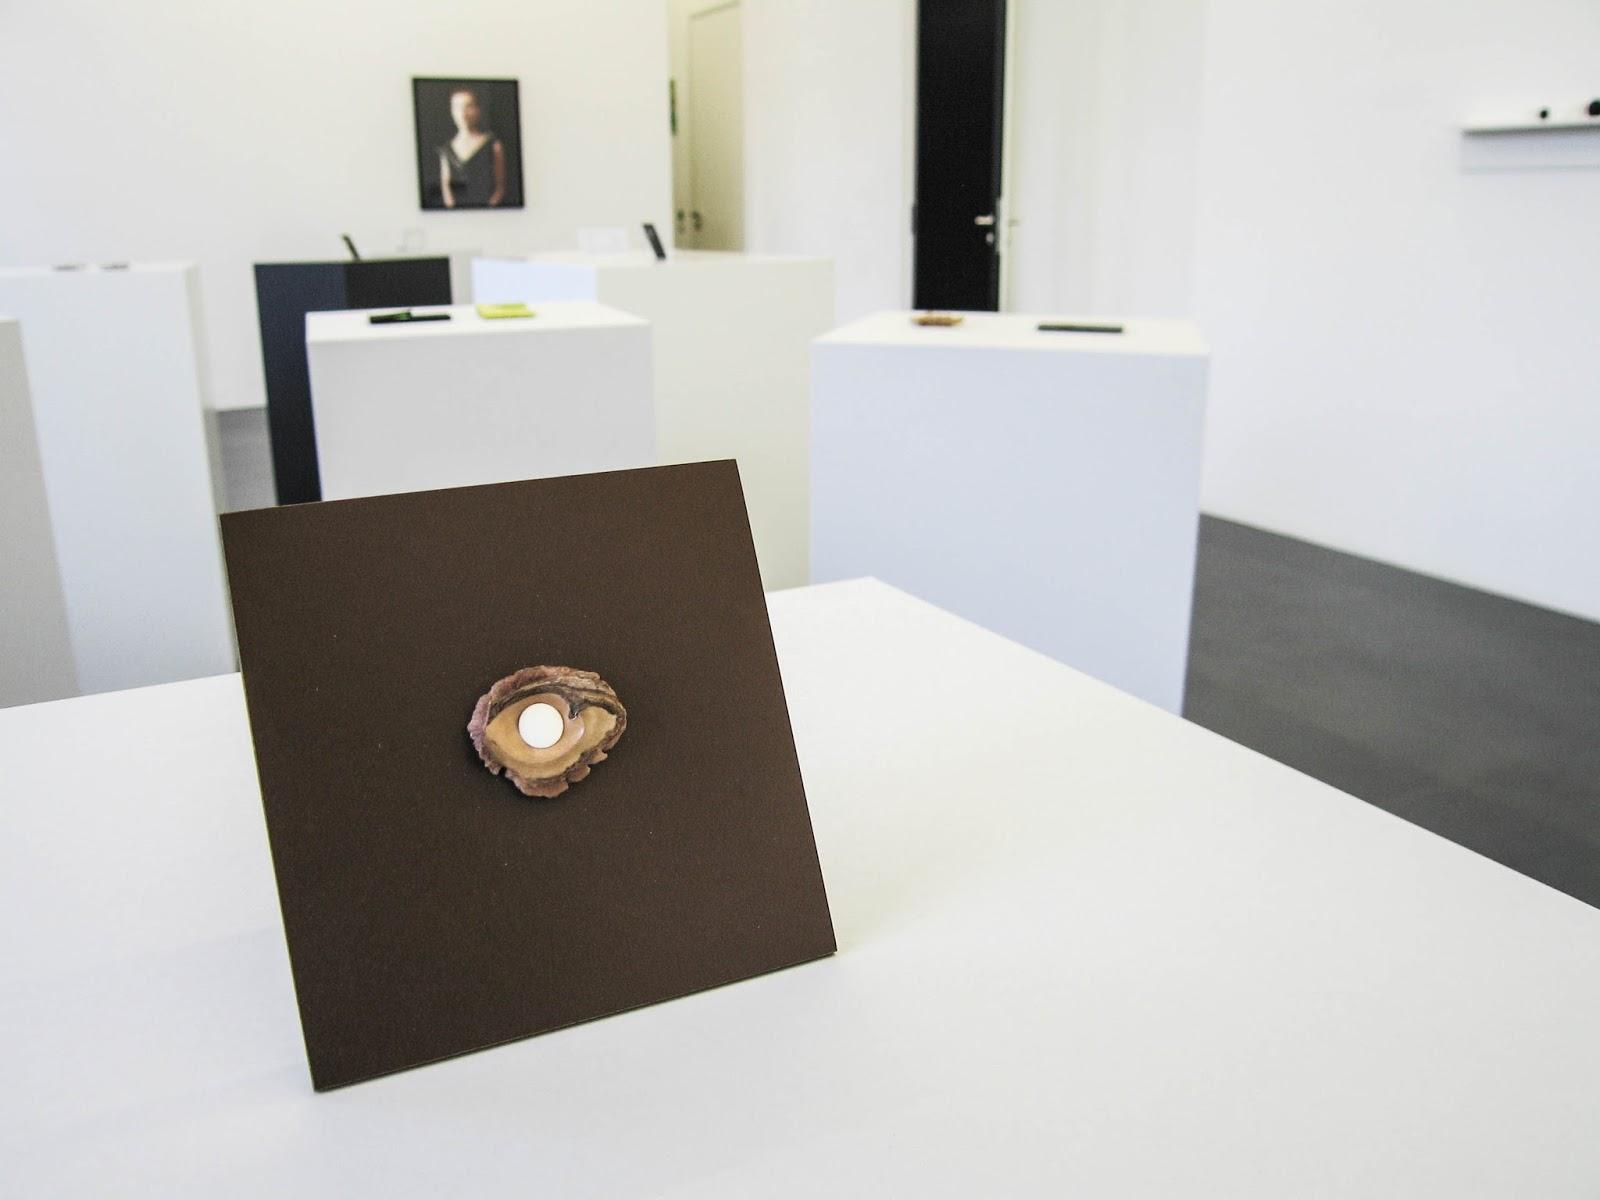 Charmant Galerie Wittenbrink, Quidam, Otto Künzli